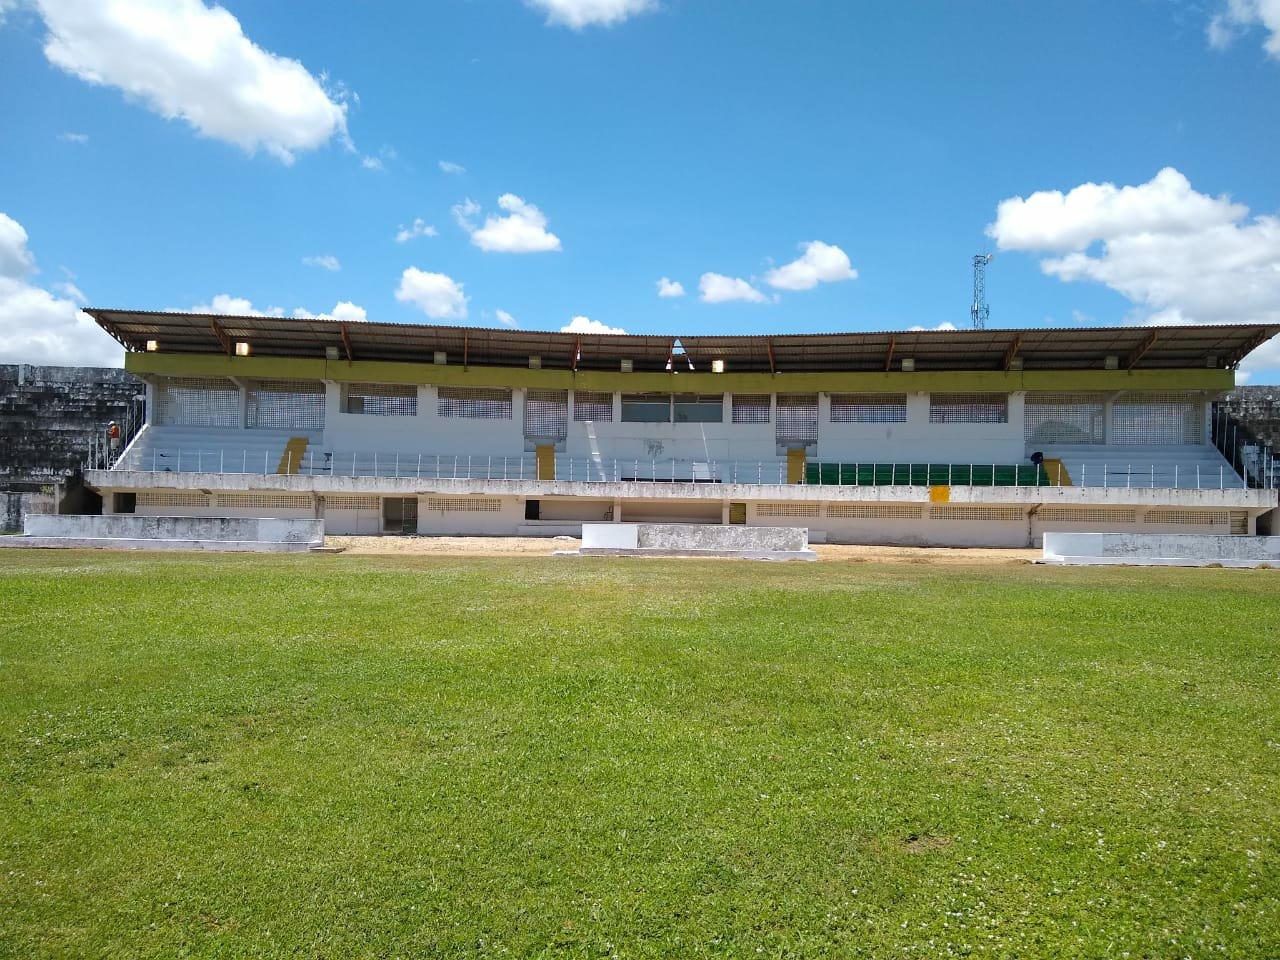 img 20191127 wa01886182597072714106336 - Após revitalização, Prefeitura de Bayeux realiza evento para reabertura do estádio Lourival Caetano